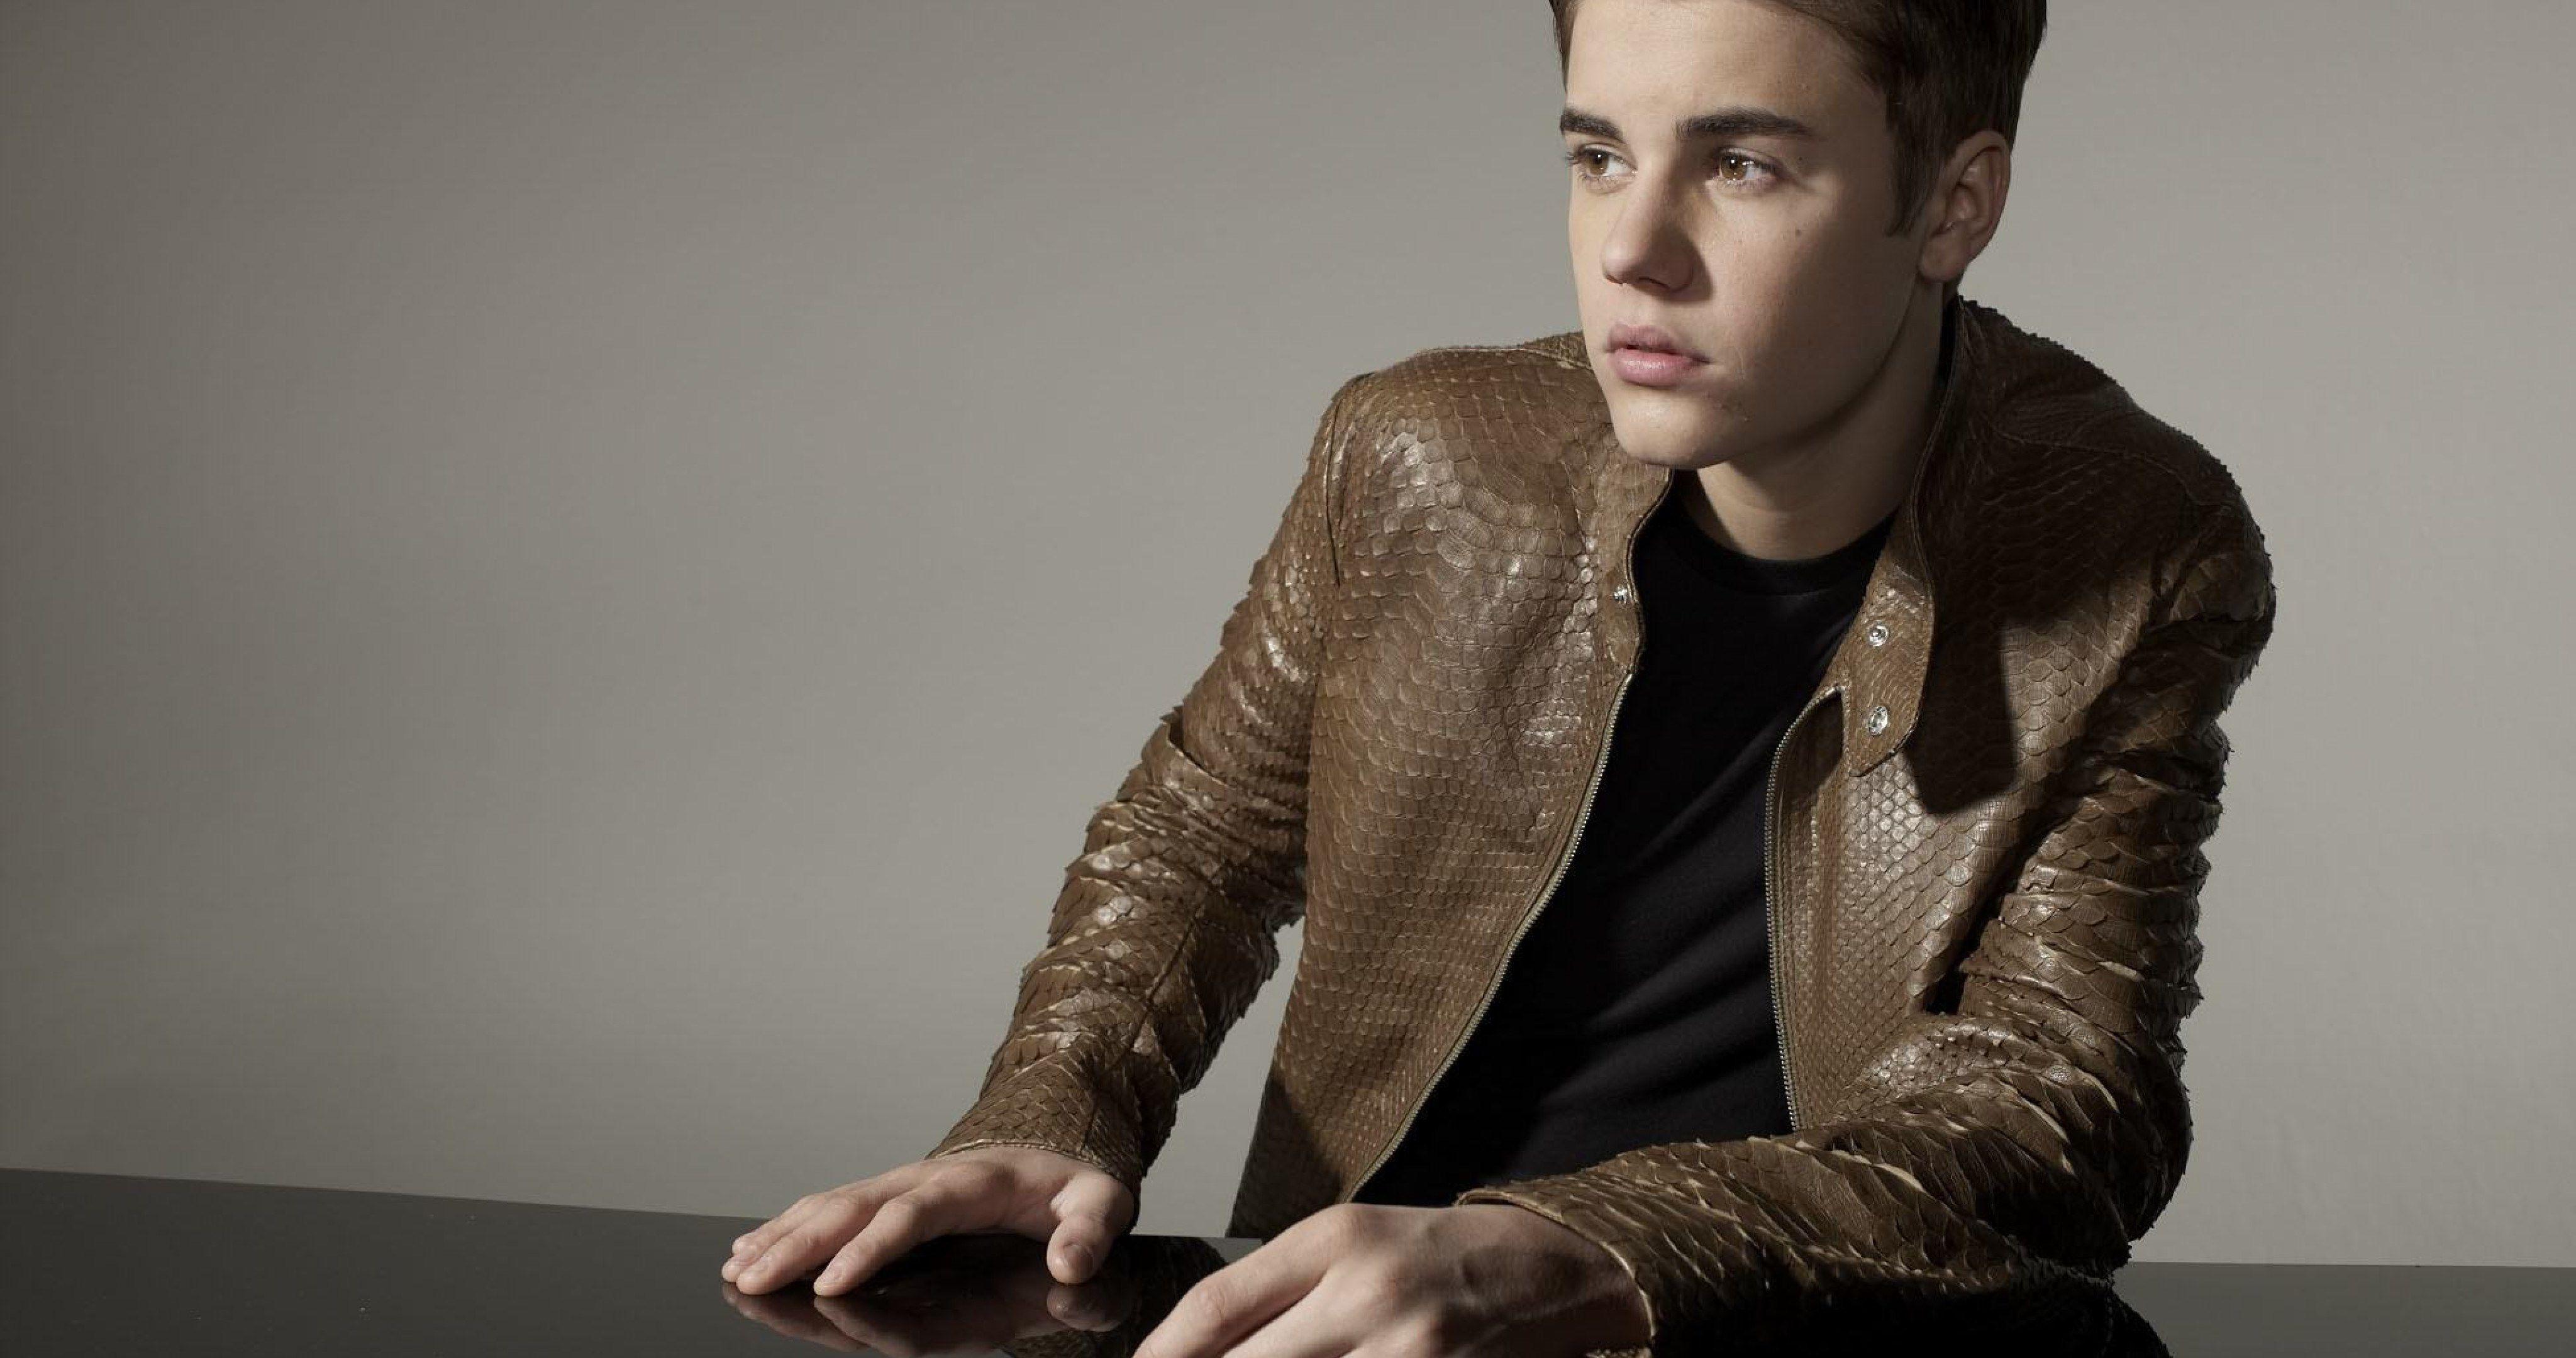 Justin Bieber 4k Ultra Hd Wallpaper Justin Bieber Wallpaper Justin Bieber Images Justin Bieber